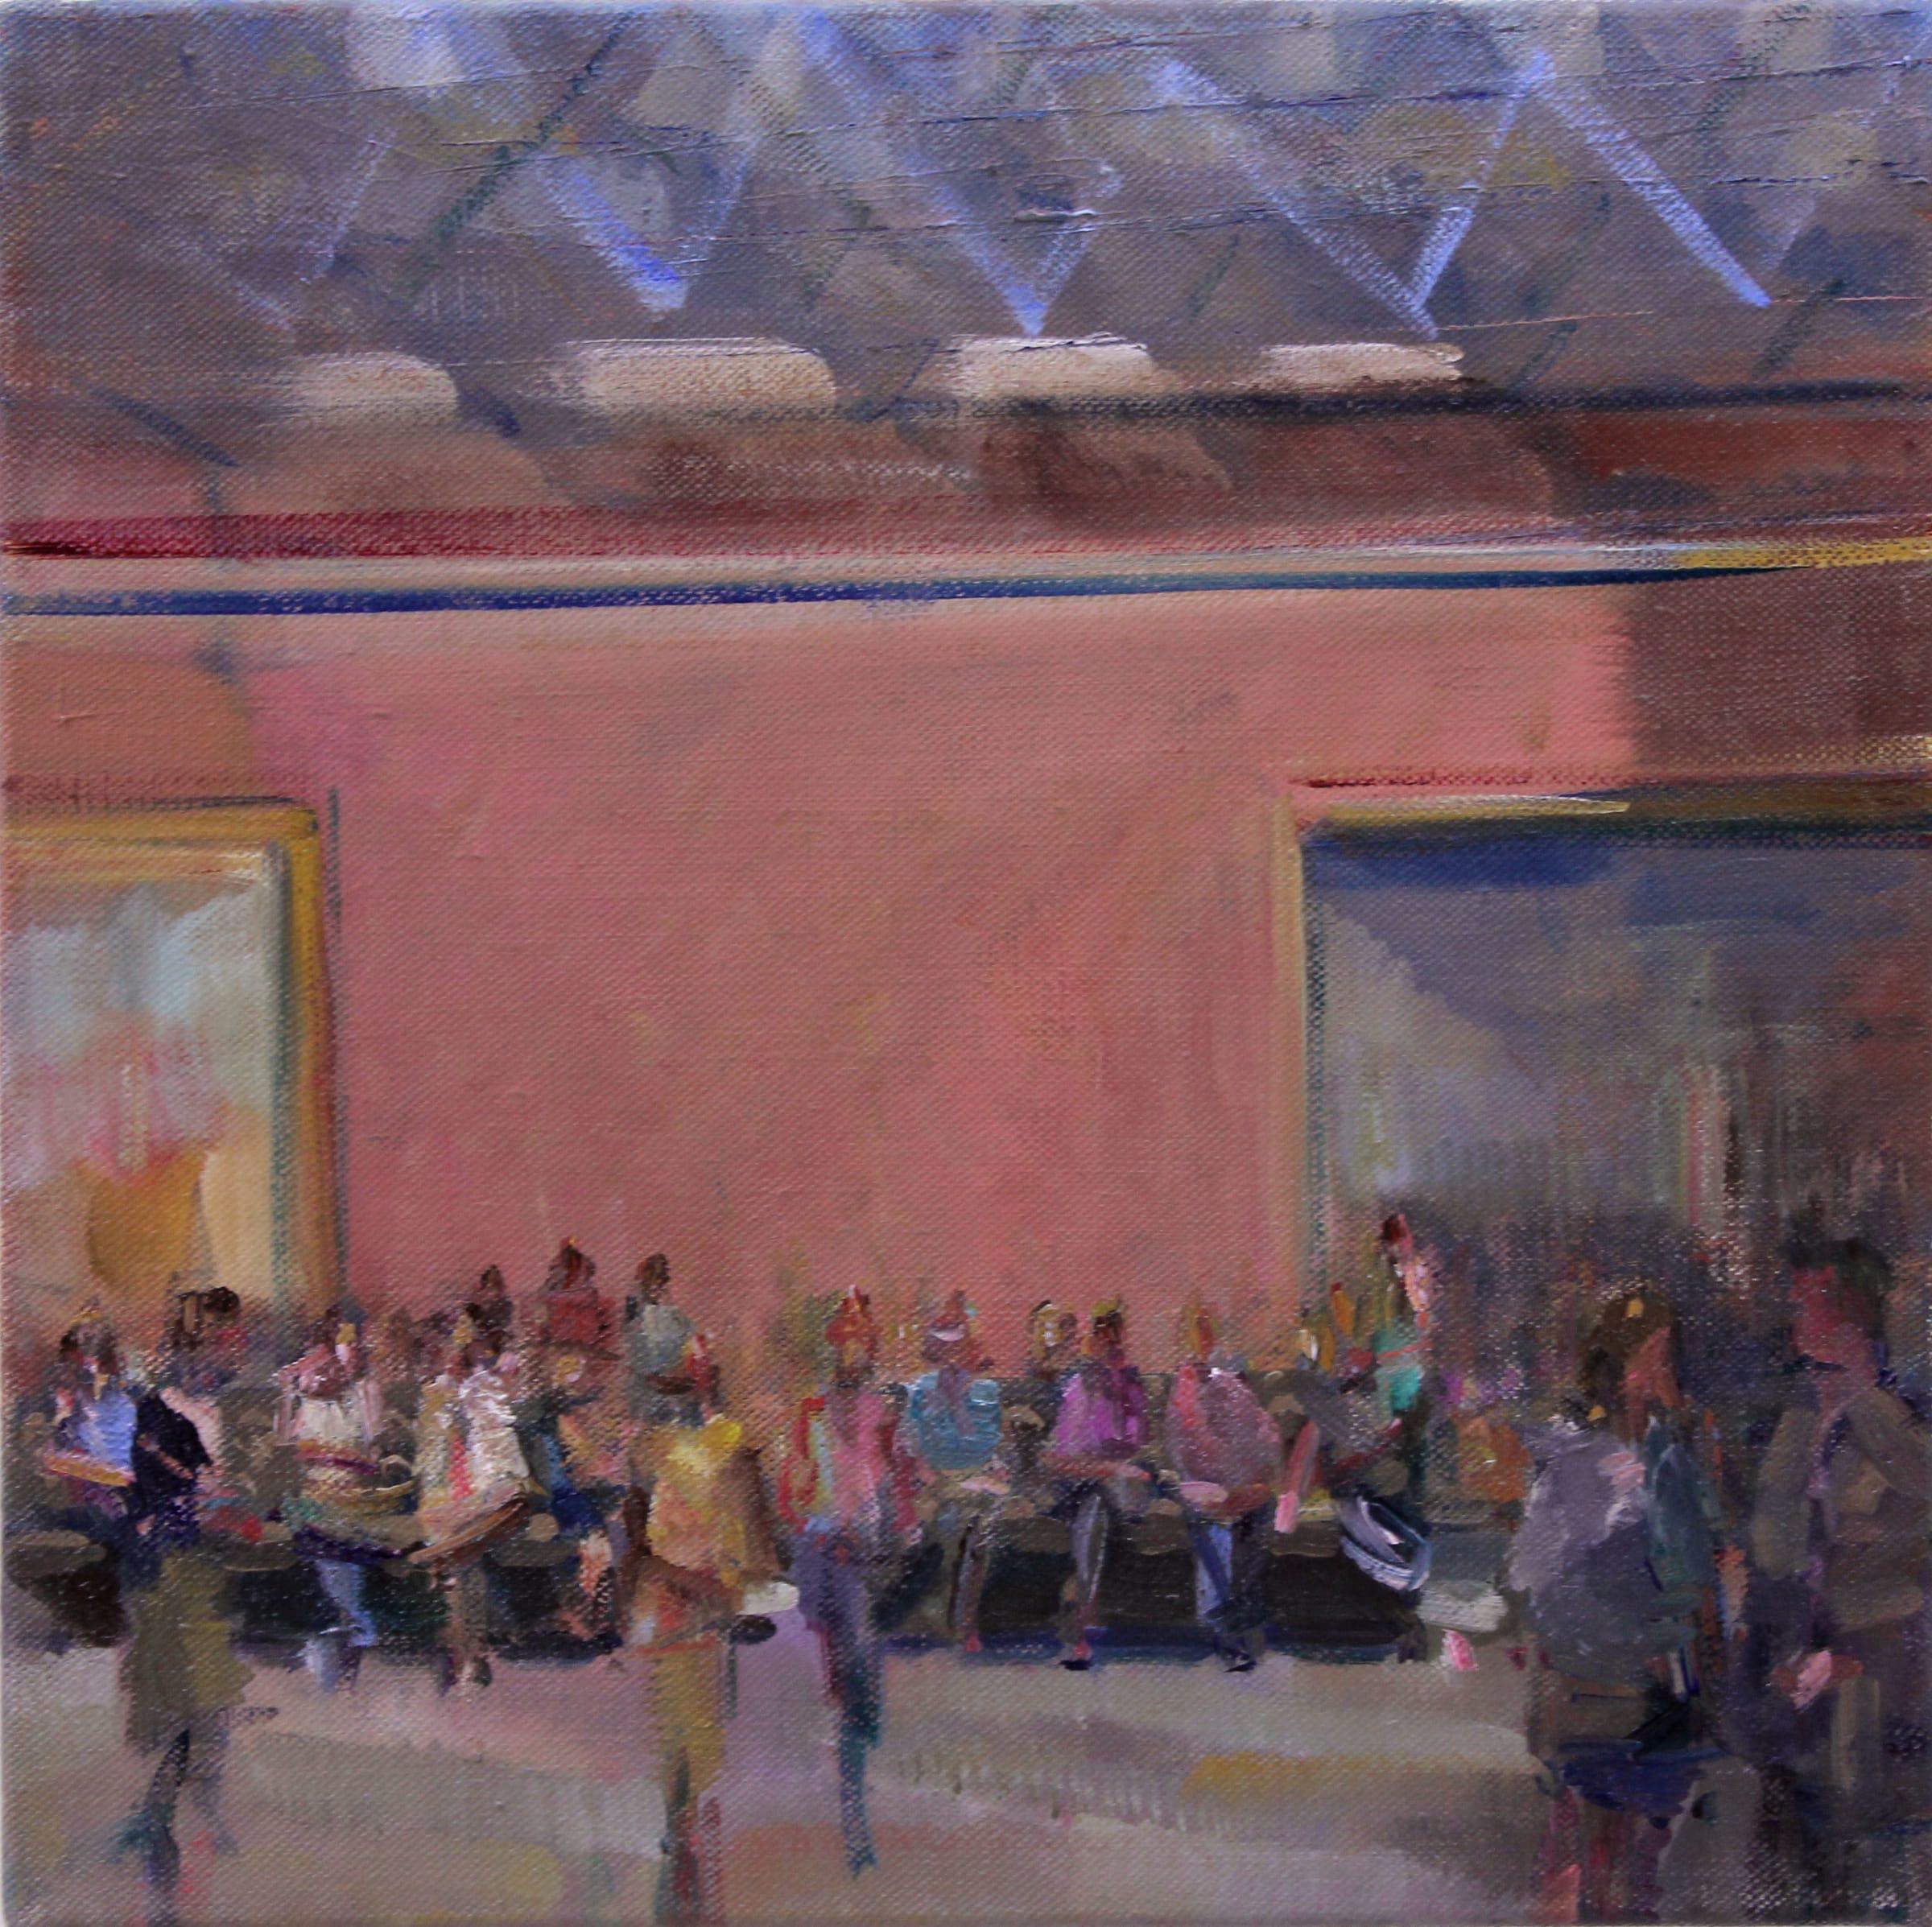 """<span class=""""link fancybox-details-link""""><a href=""""/artists/59-simon-nicholas/works/603-simon-nicholas-study-for-museum-atrium/"""">View Detail Page</a></span><div class=""""artist""""><strong>Simon Nicholas</strong></div> <div class=""""title""""><em>Study for Museum Atrium</em></div> <div class=""""medium"""">Oil on Linen</div> <div class=""""dimensions"""">13.8 x 13.8</div>"""